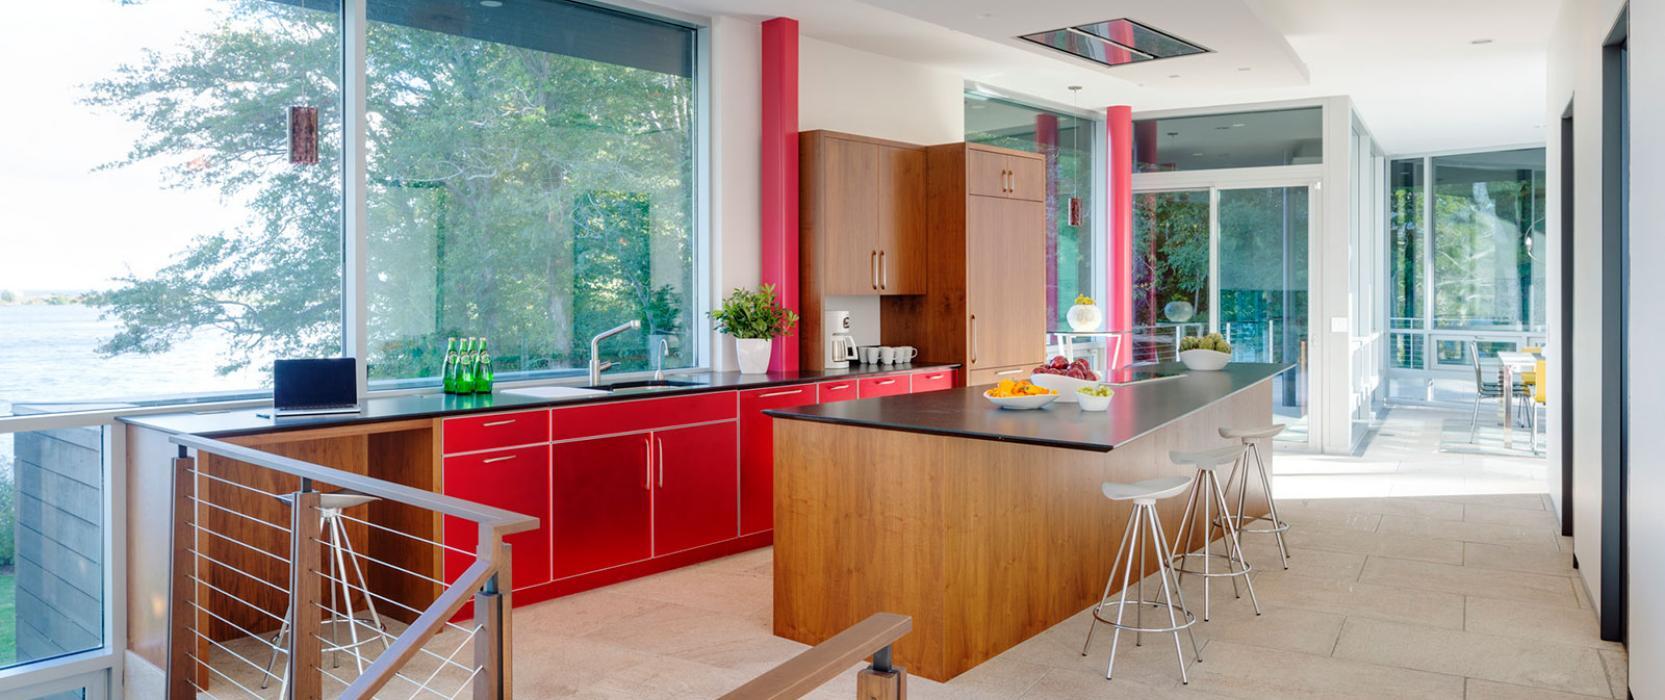 Modern kitchen design by LDa Architecture & Interiors